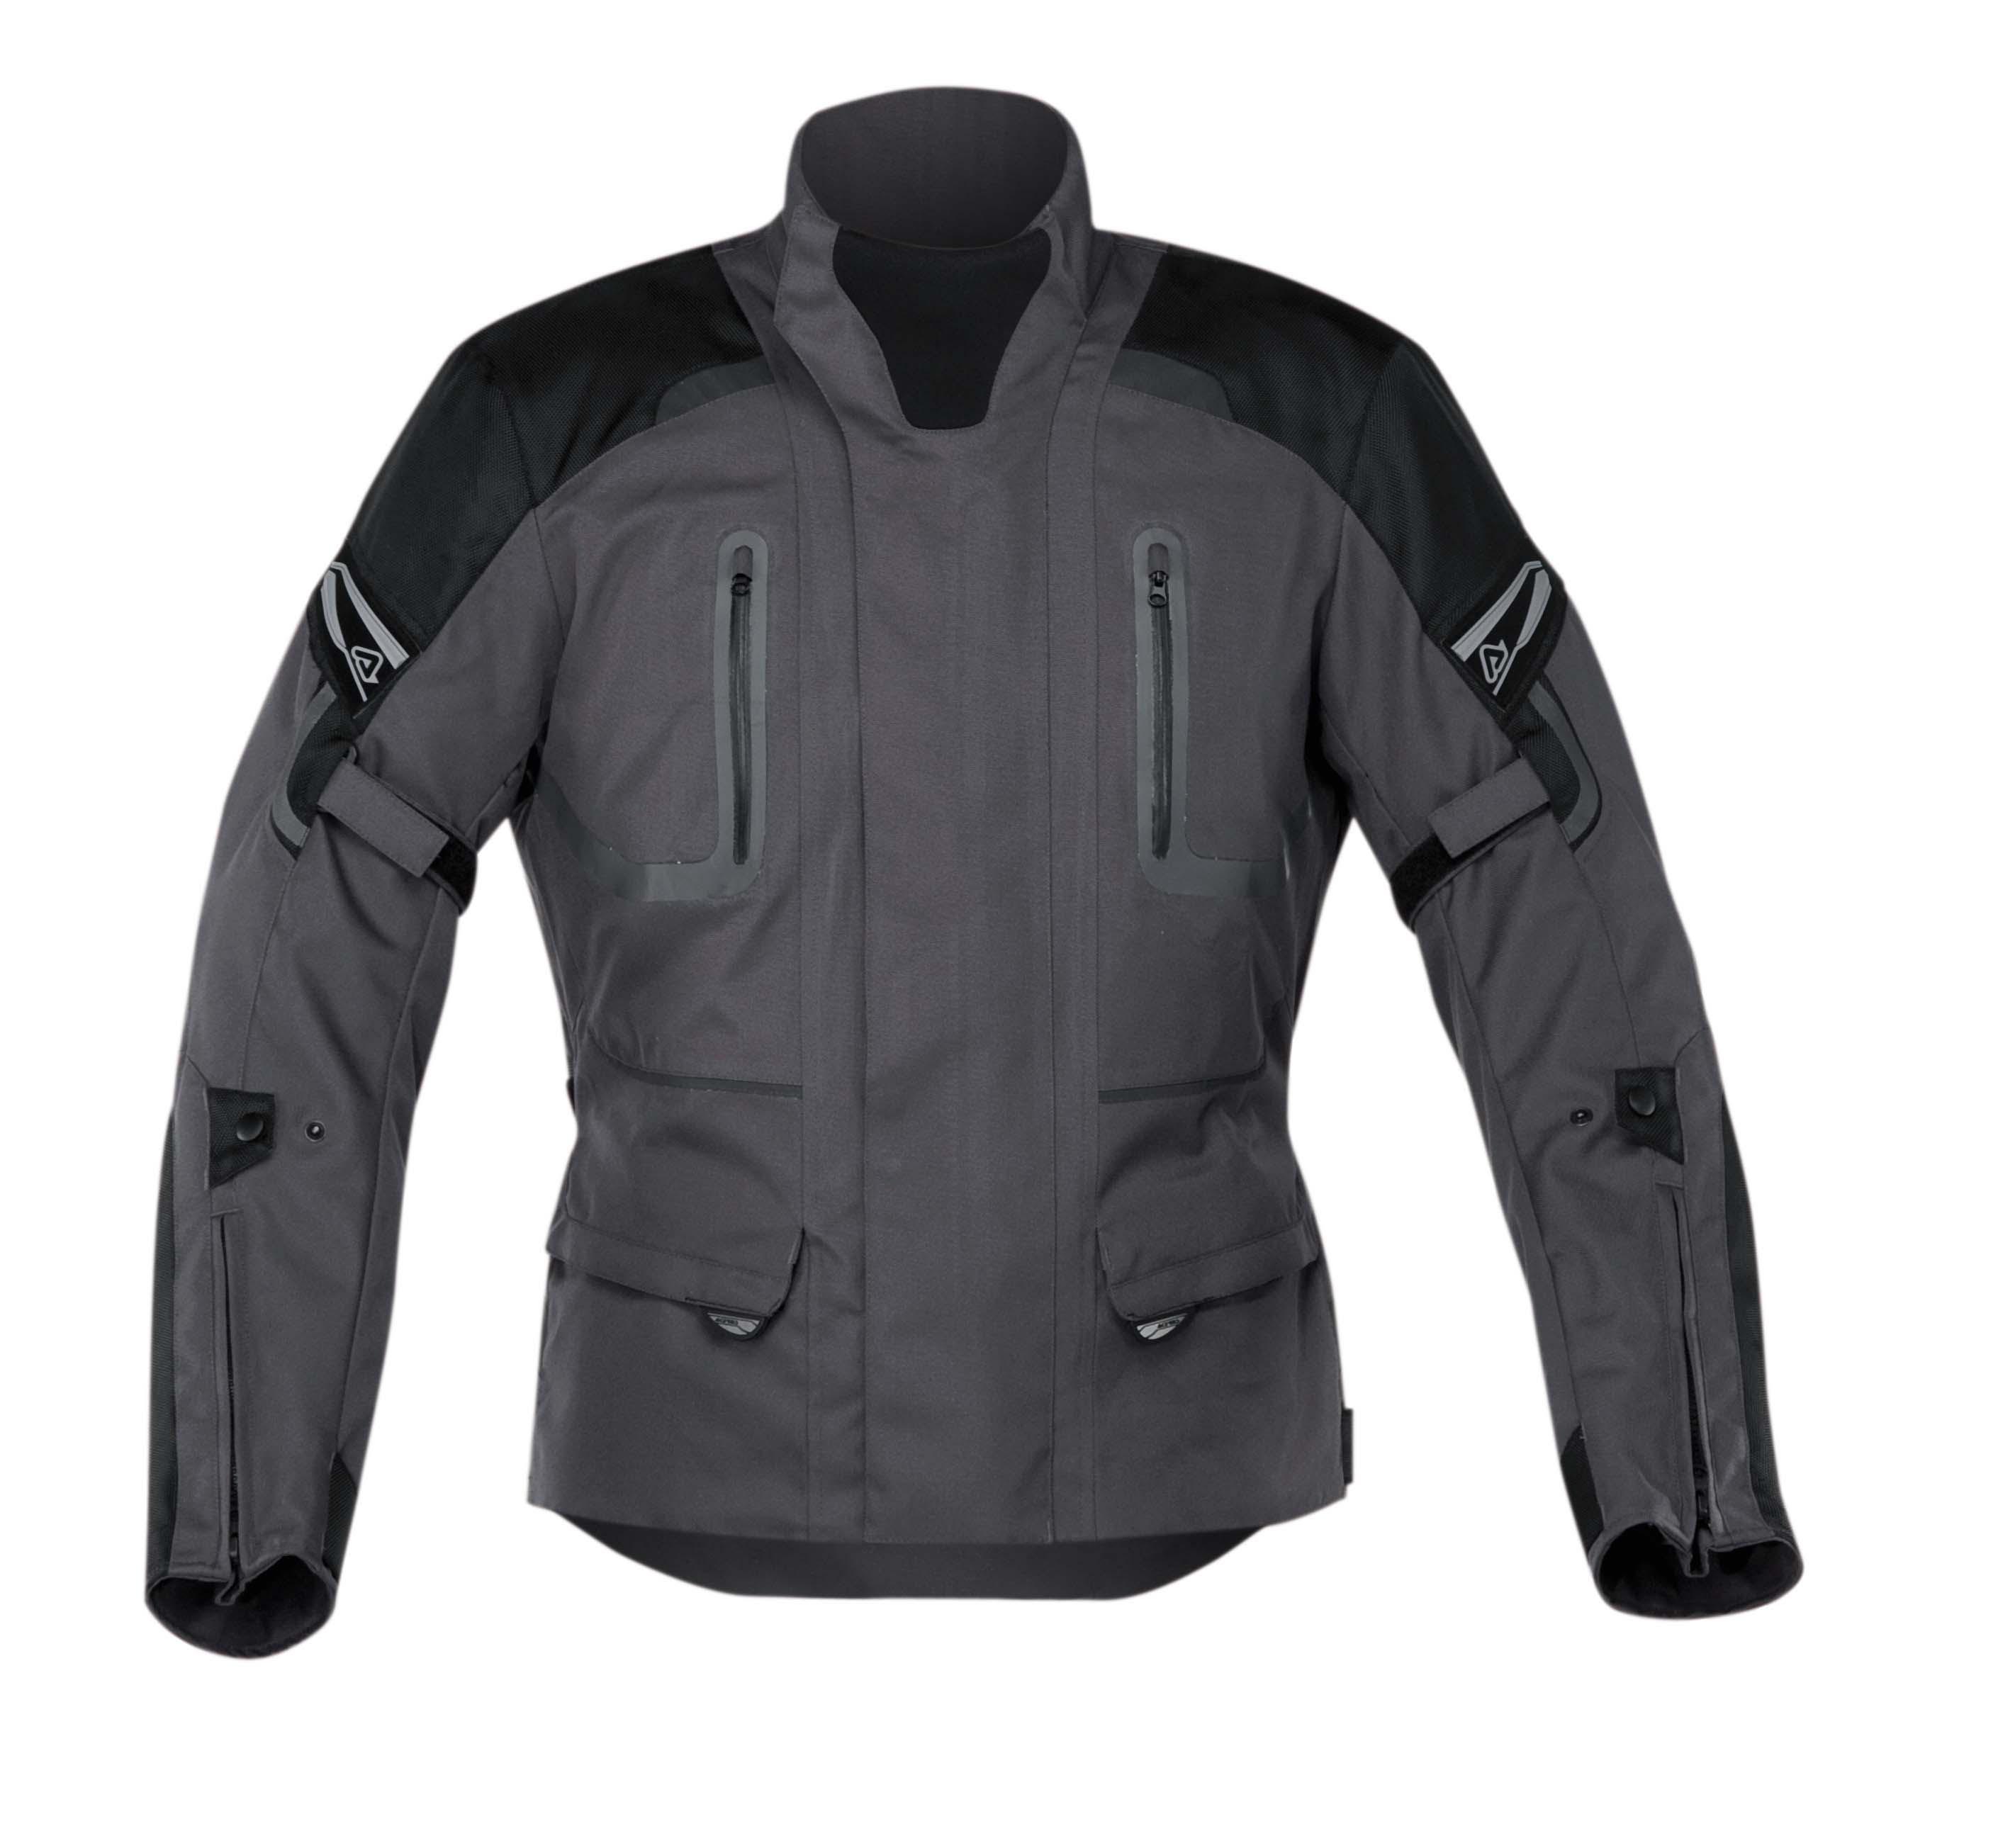 Nueva colección Acerbis, chaqueta, pantalón y guantes